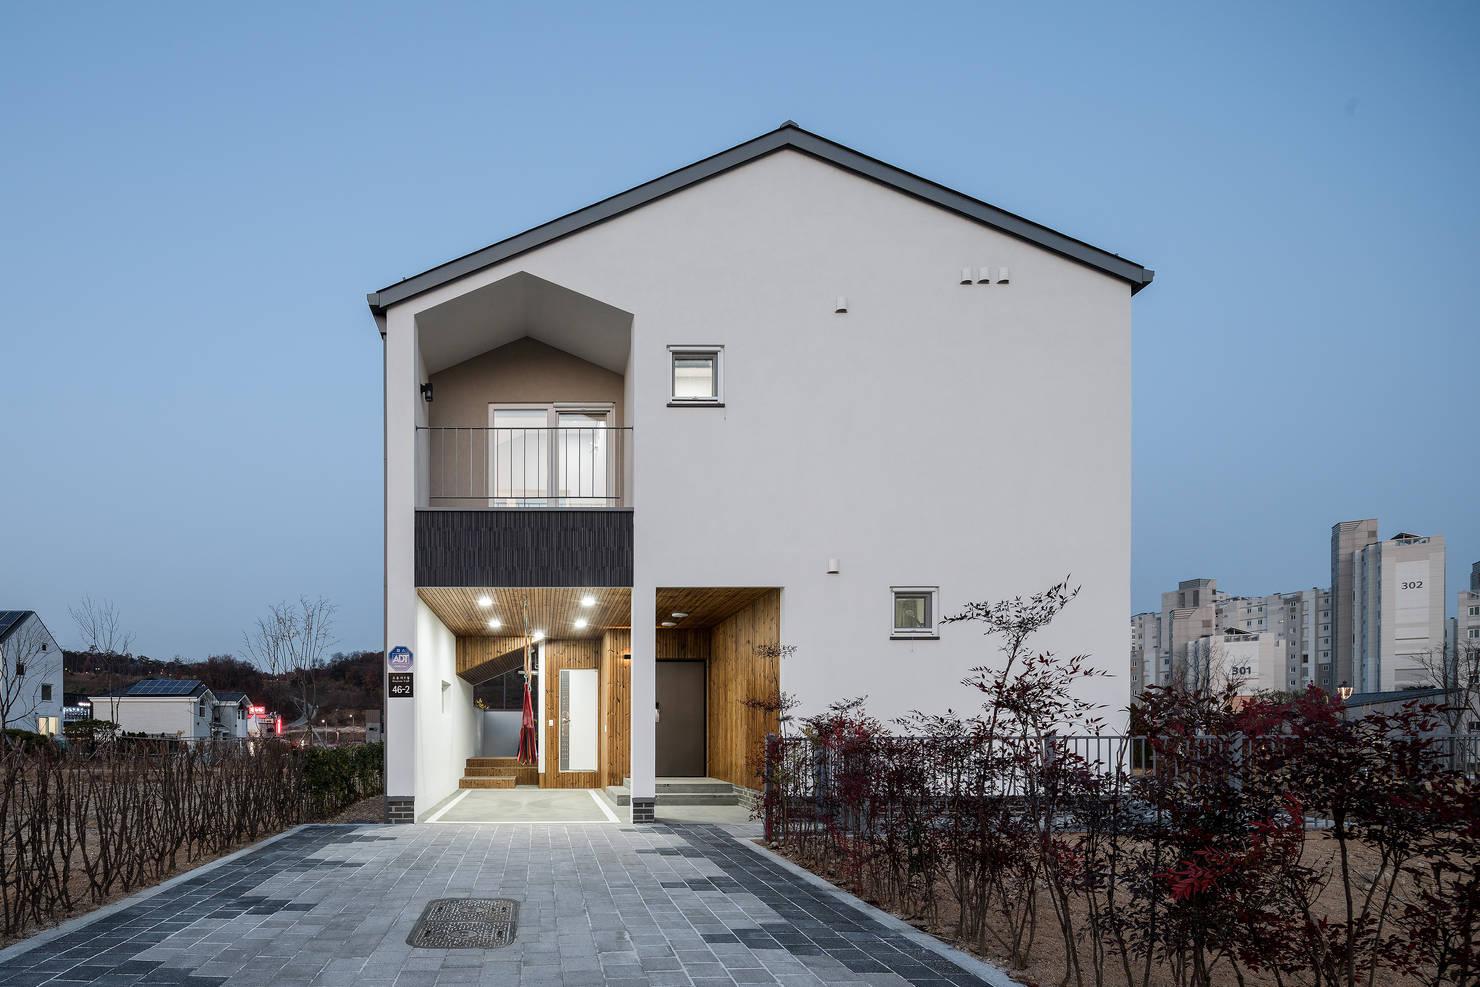 우리 집을 위한 좋은 건축가를 찾는 여섯 가지 지름길